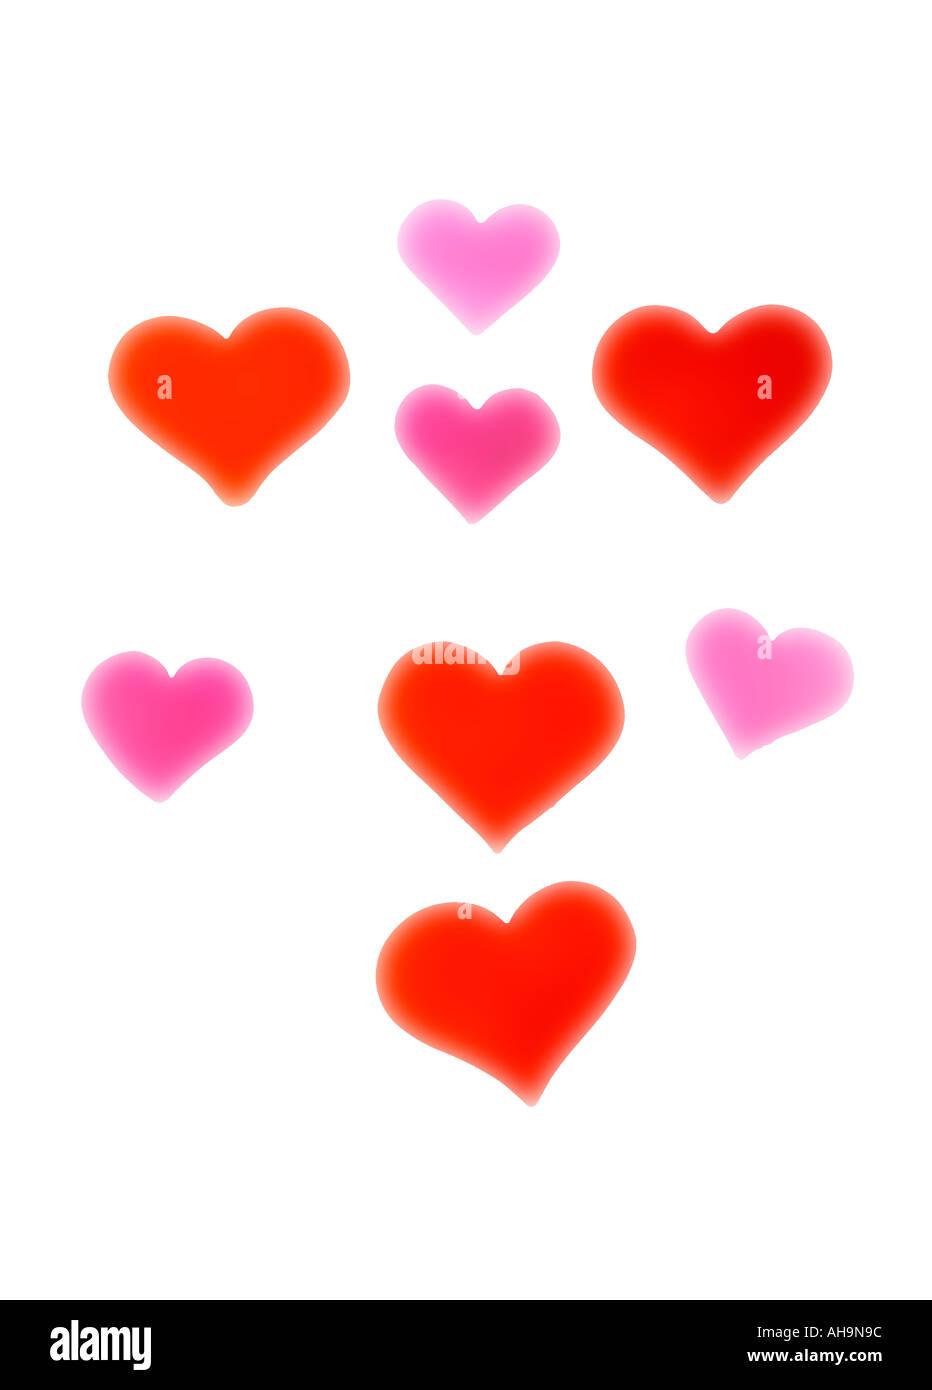 Liebe Herz Herzen, Den Valentinstag Valentinstag Kuss Freund Freundin Datum  Aus Dem Stampfenden Beziehung Frau Mann Di Küsse